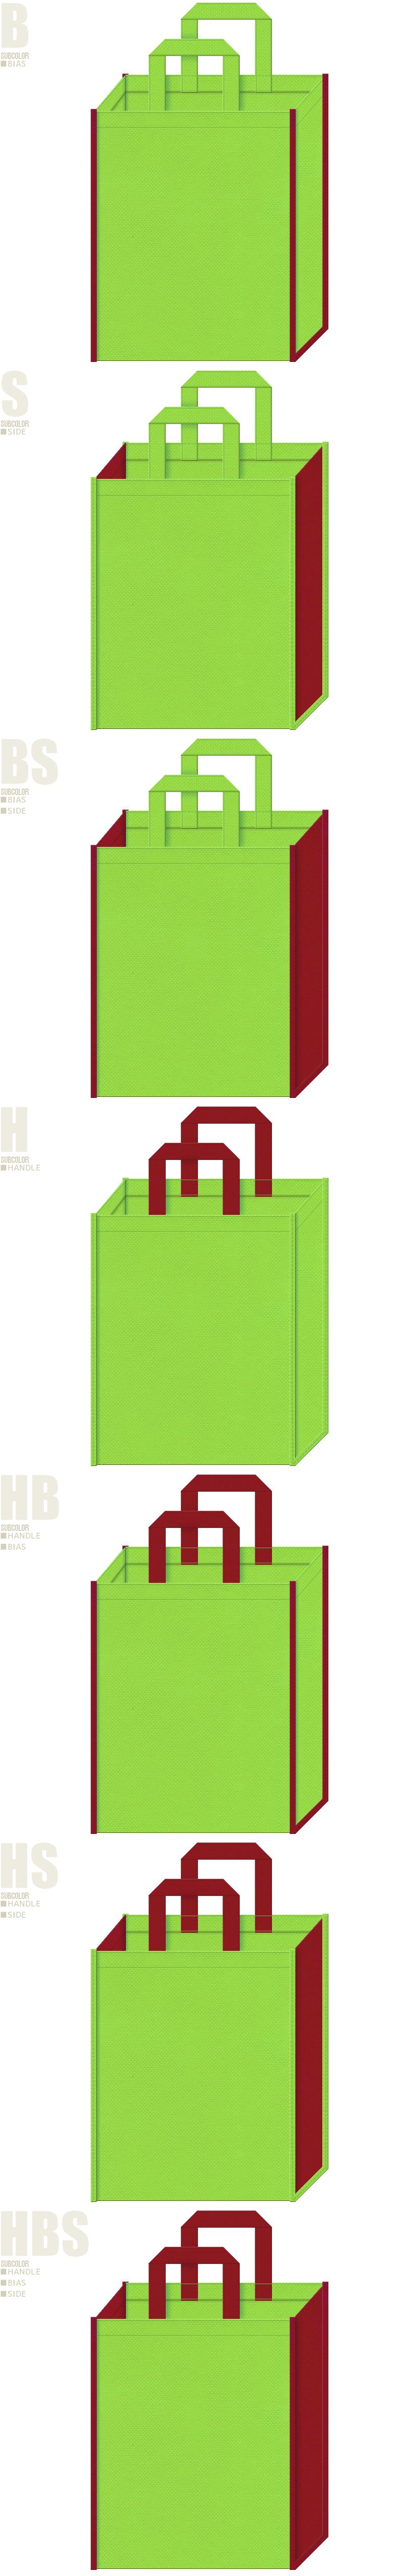 楓の花・振袖・着物展示会・野点傘・茶会・邦楽演奏会・和風庭園・和風催事にお奨めの不織布バッグデザイン:黄緑色とエンジ色の配色7パターン